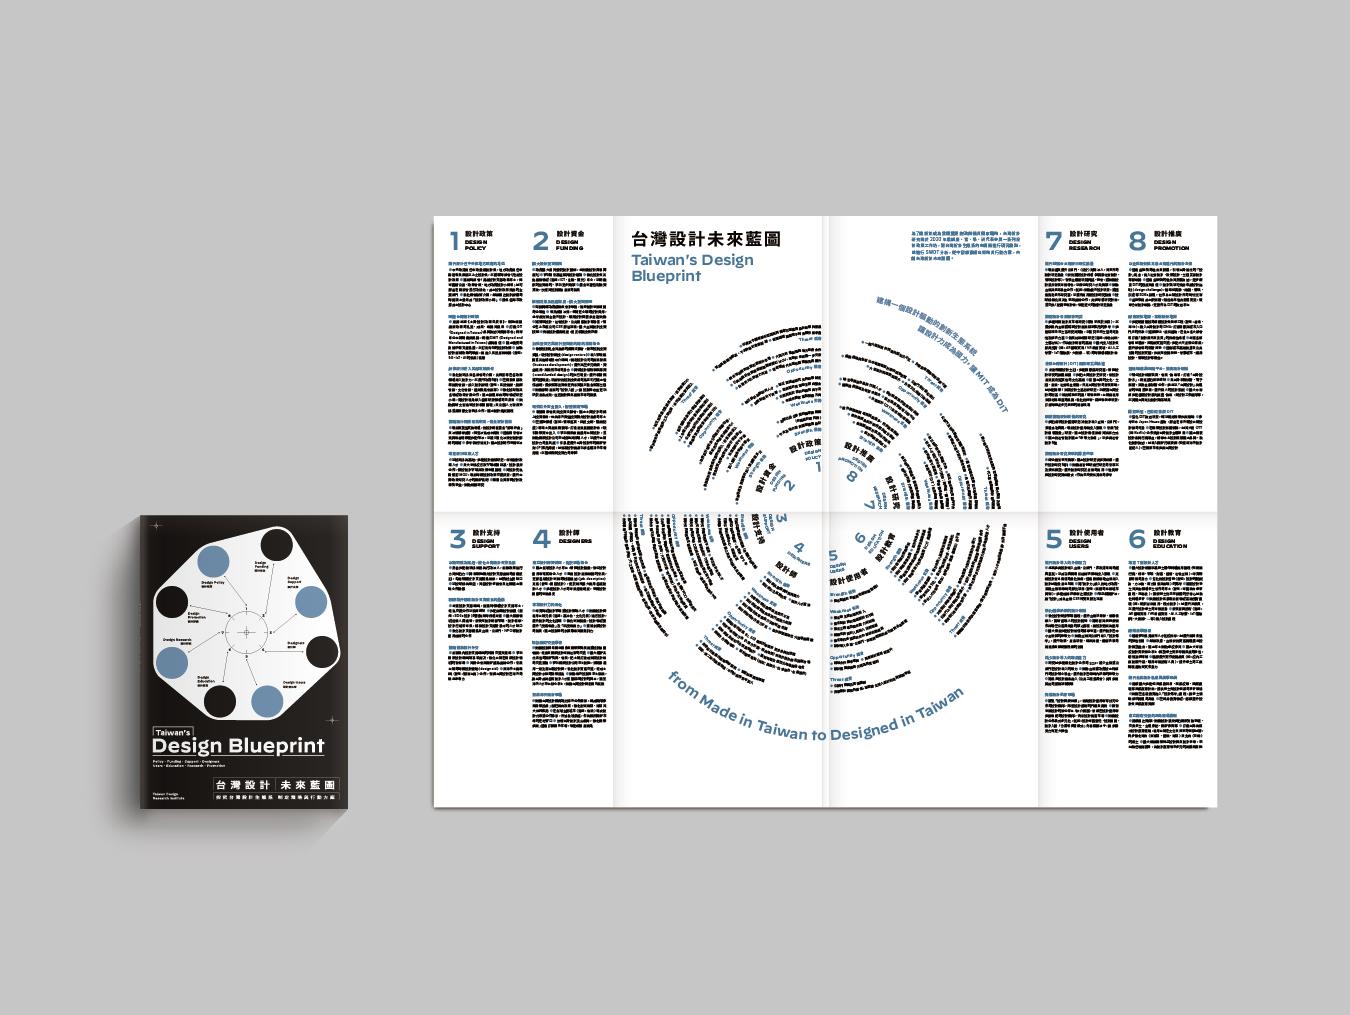 台灣設計未來藍圖──探究台灣設計生態系,制定策略與行動方案